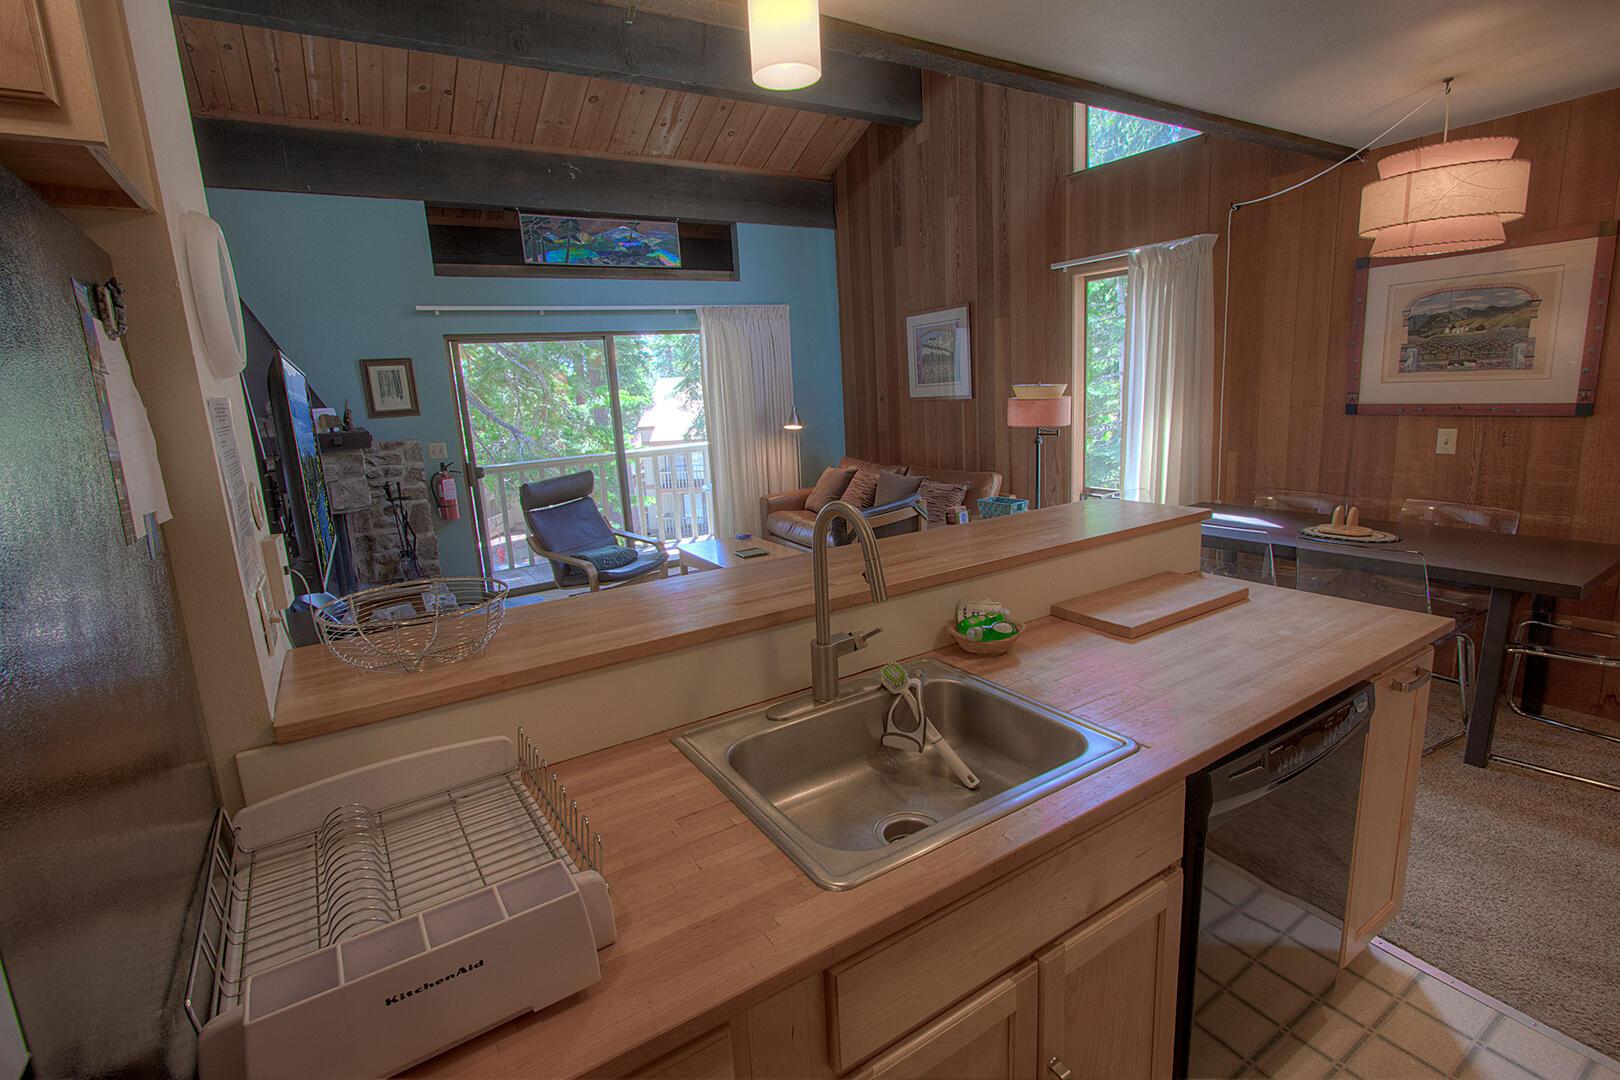 kwc0805 Bathroom